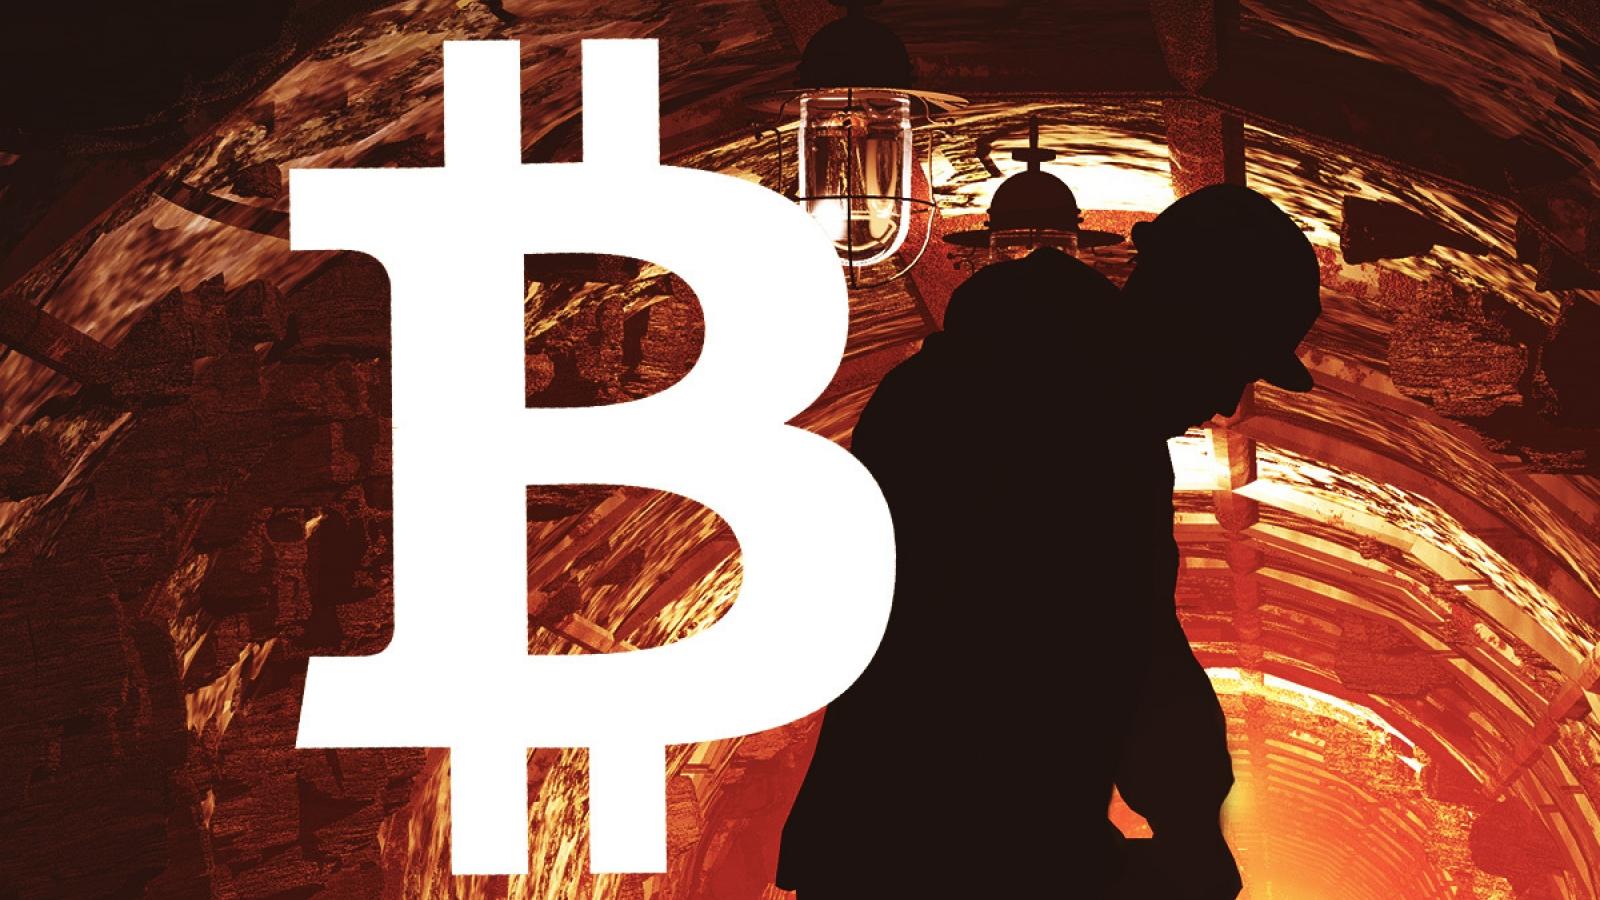 Bitcoin Son Kalesini De Kaybedebilir Bitcoin BTC Madenciliği Artık Karsız